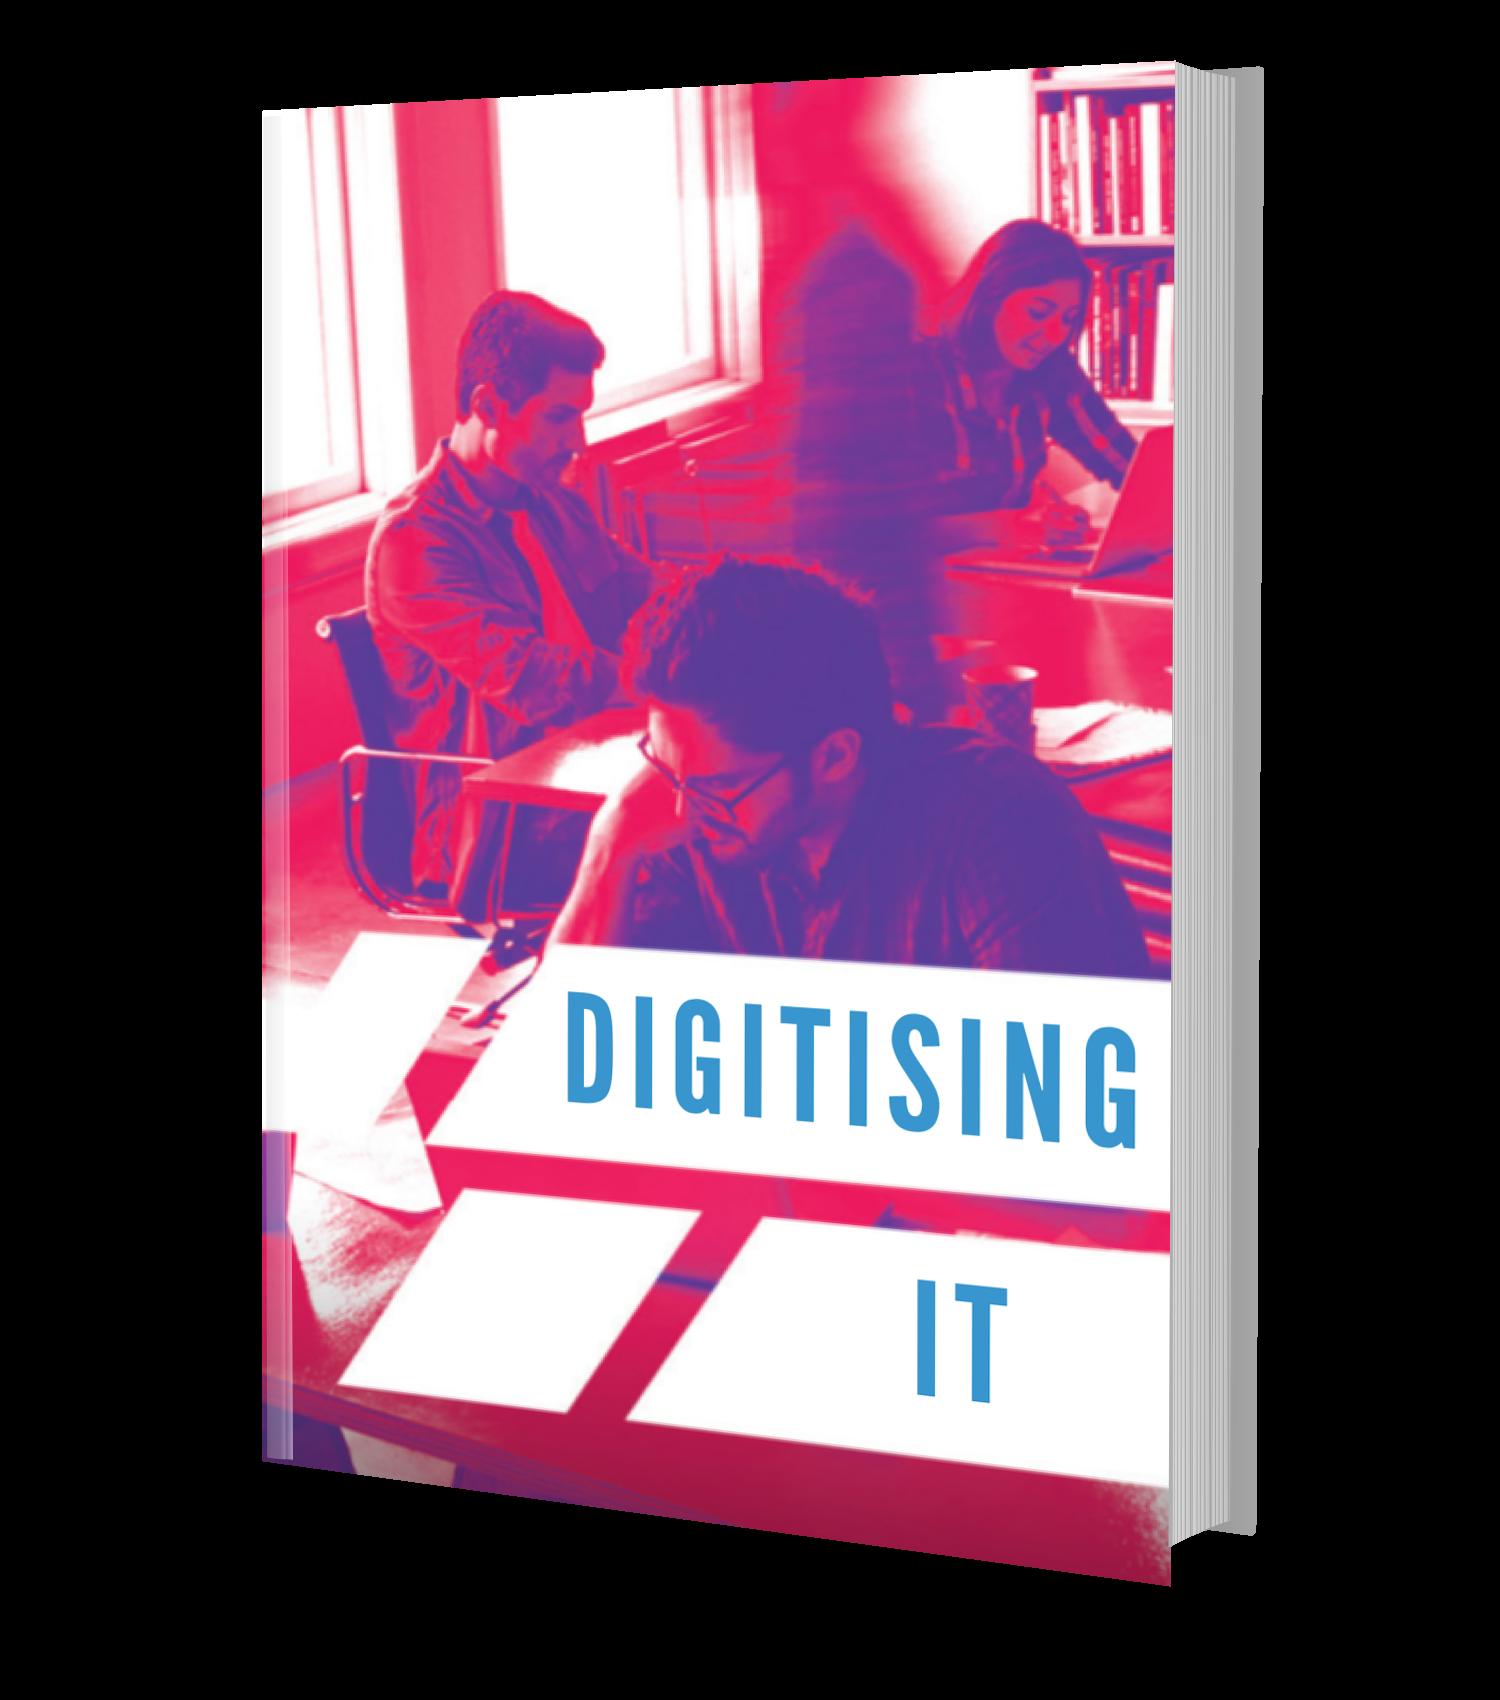 Digitising IT ebook